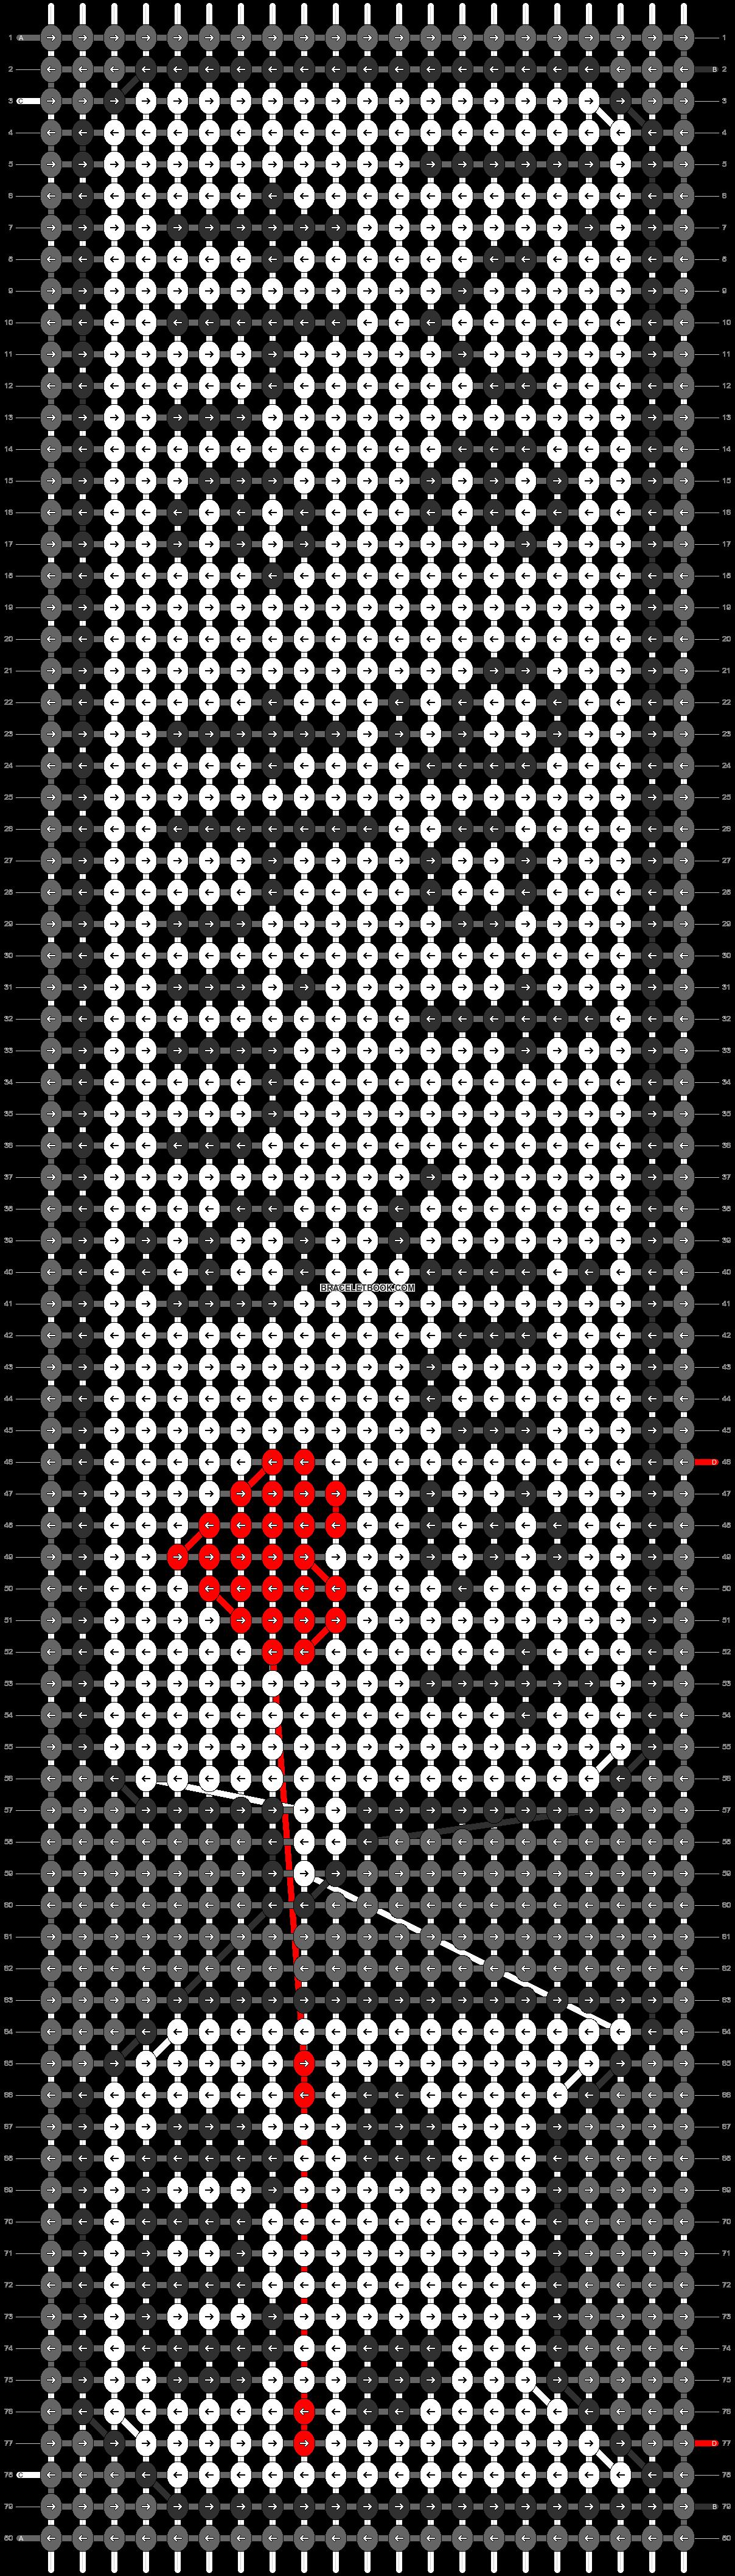 Alpha Pattern #21767 added by KatMei